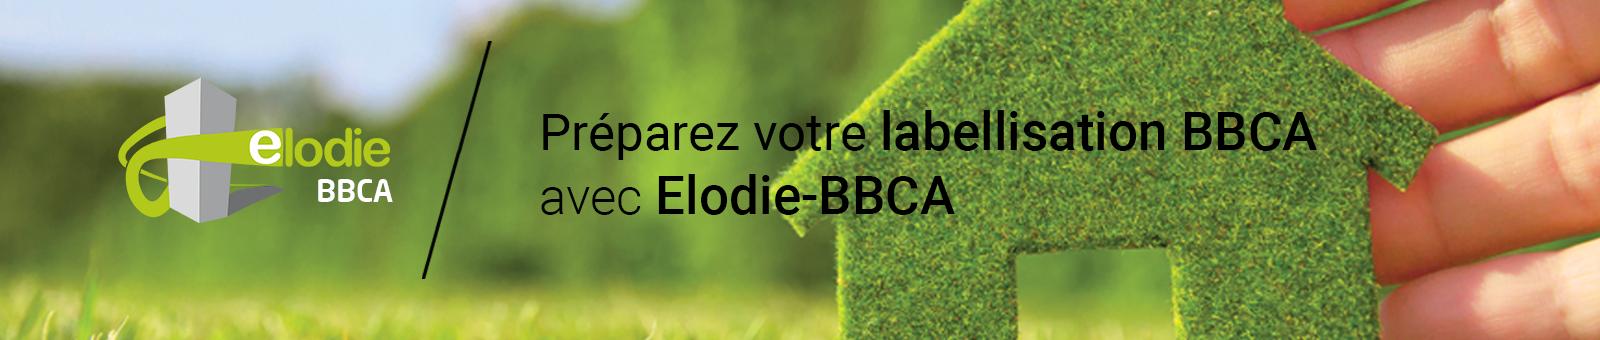 Elodie BBCA